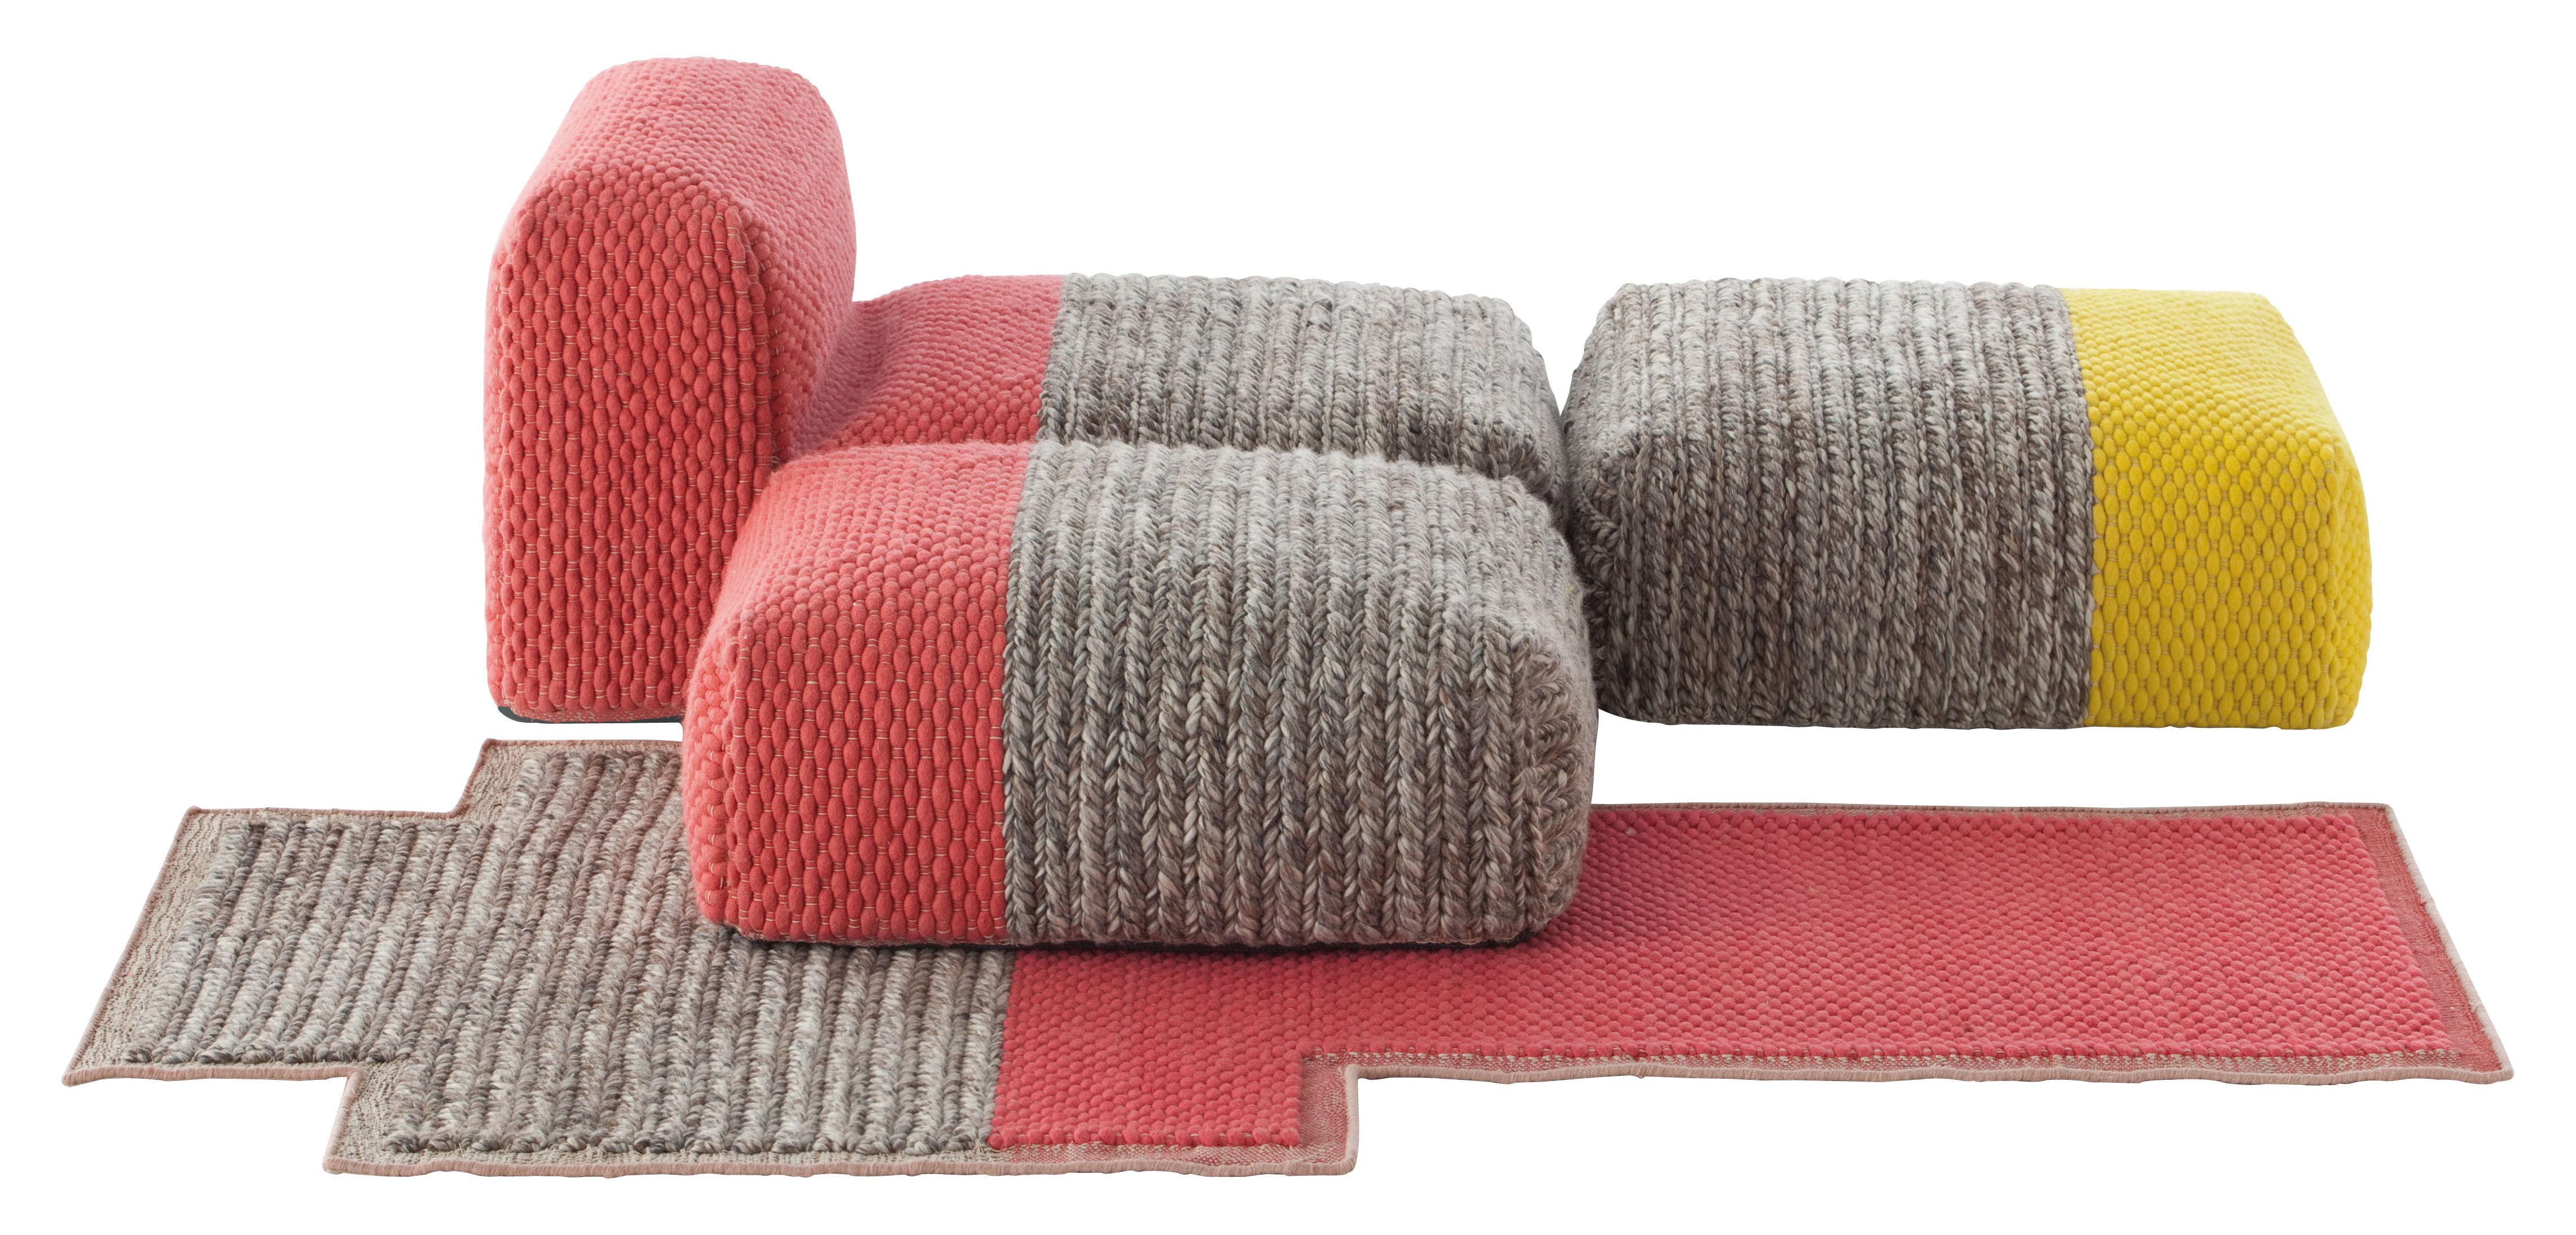 Mobilier - Fauteuils - Canapé modulable n°1 Mangas Space / 1 chauffeuse + 2 poufs + 1 tapis - Gan - Jaune & Corail - Laine vierge, Mousse caoutchouc